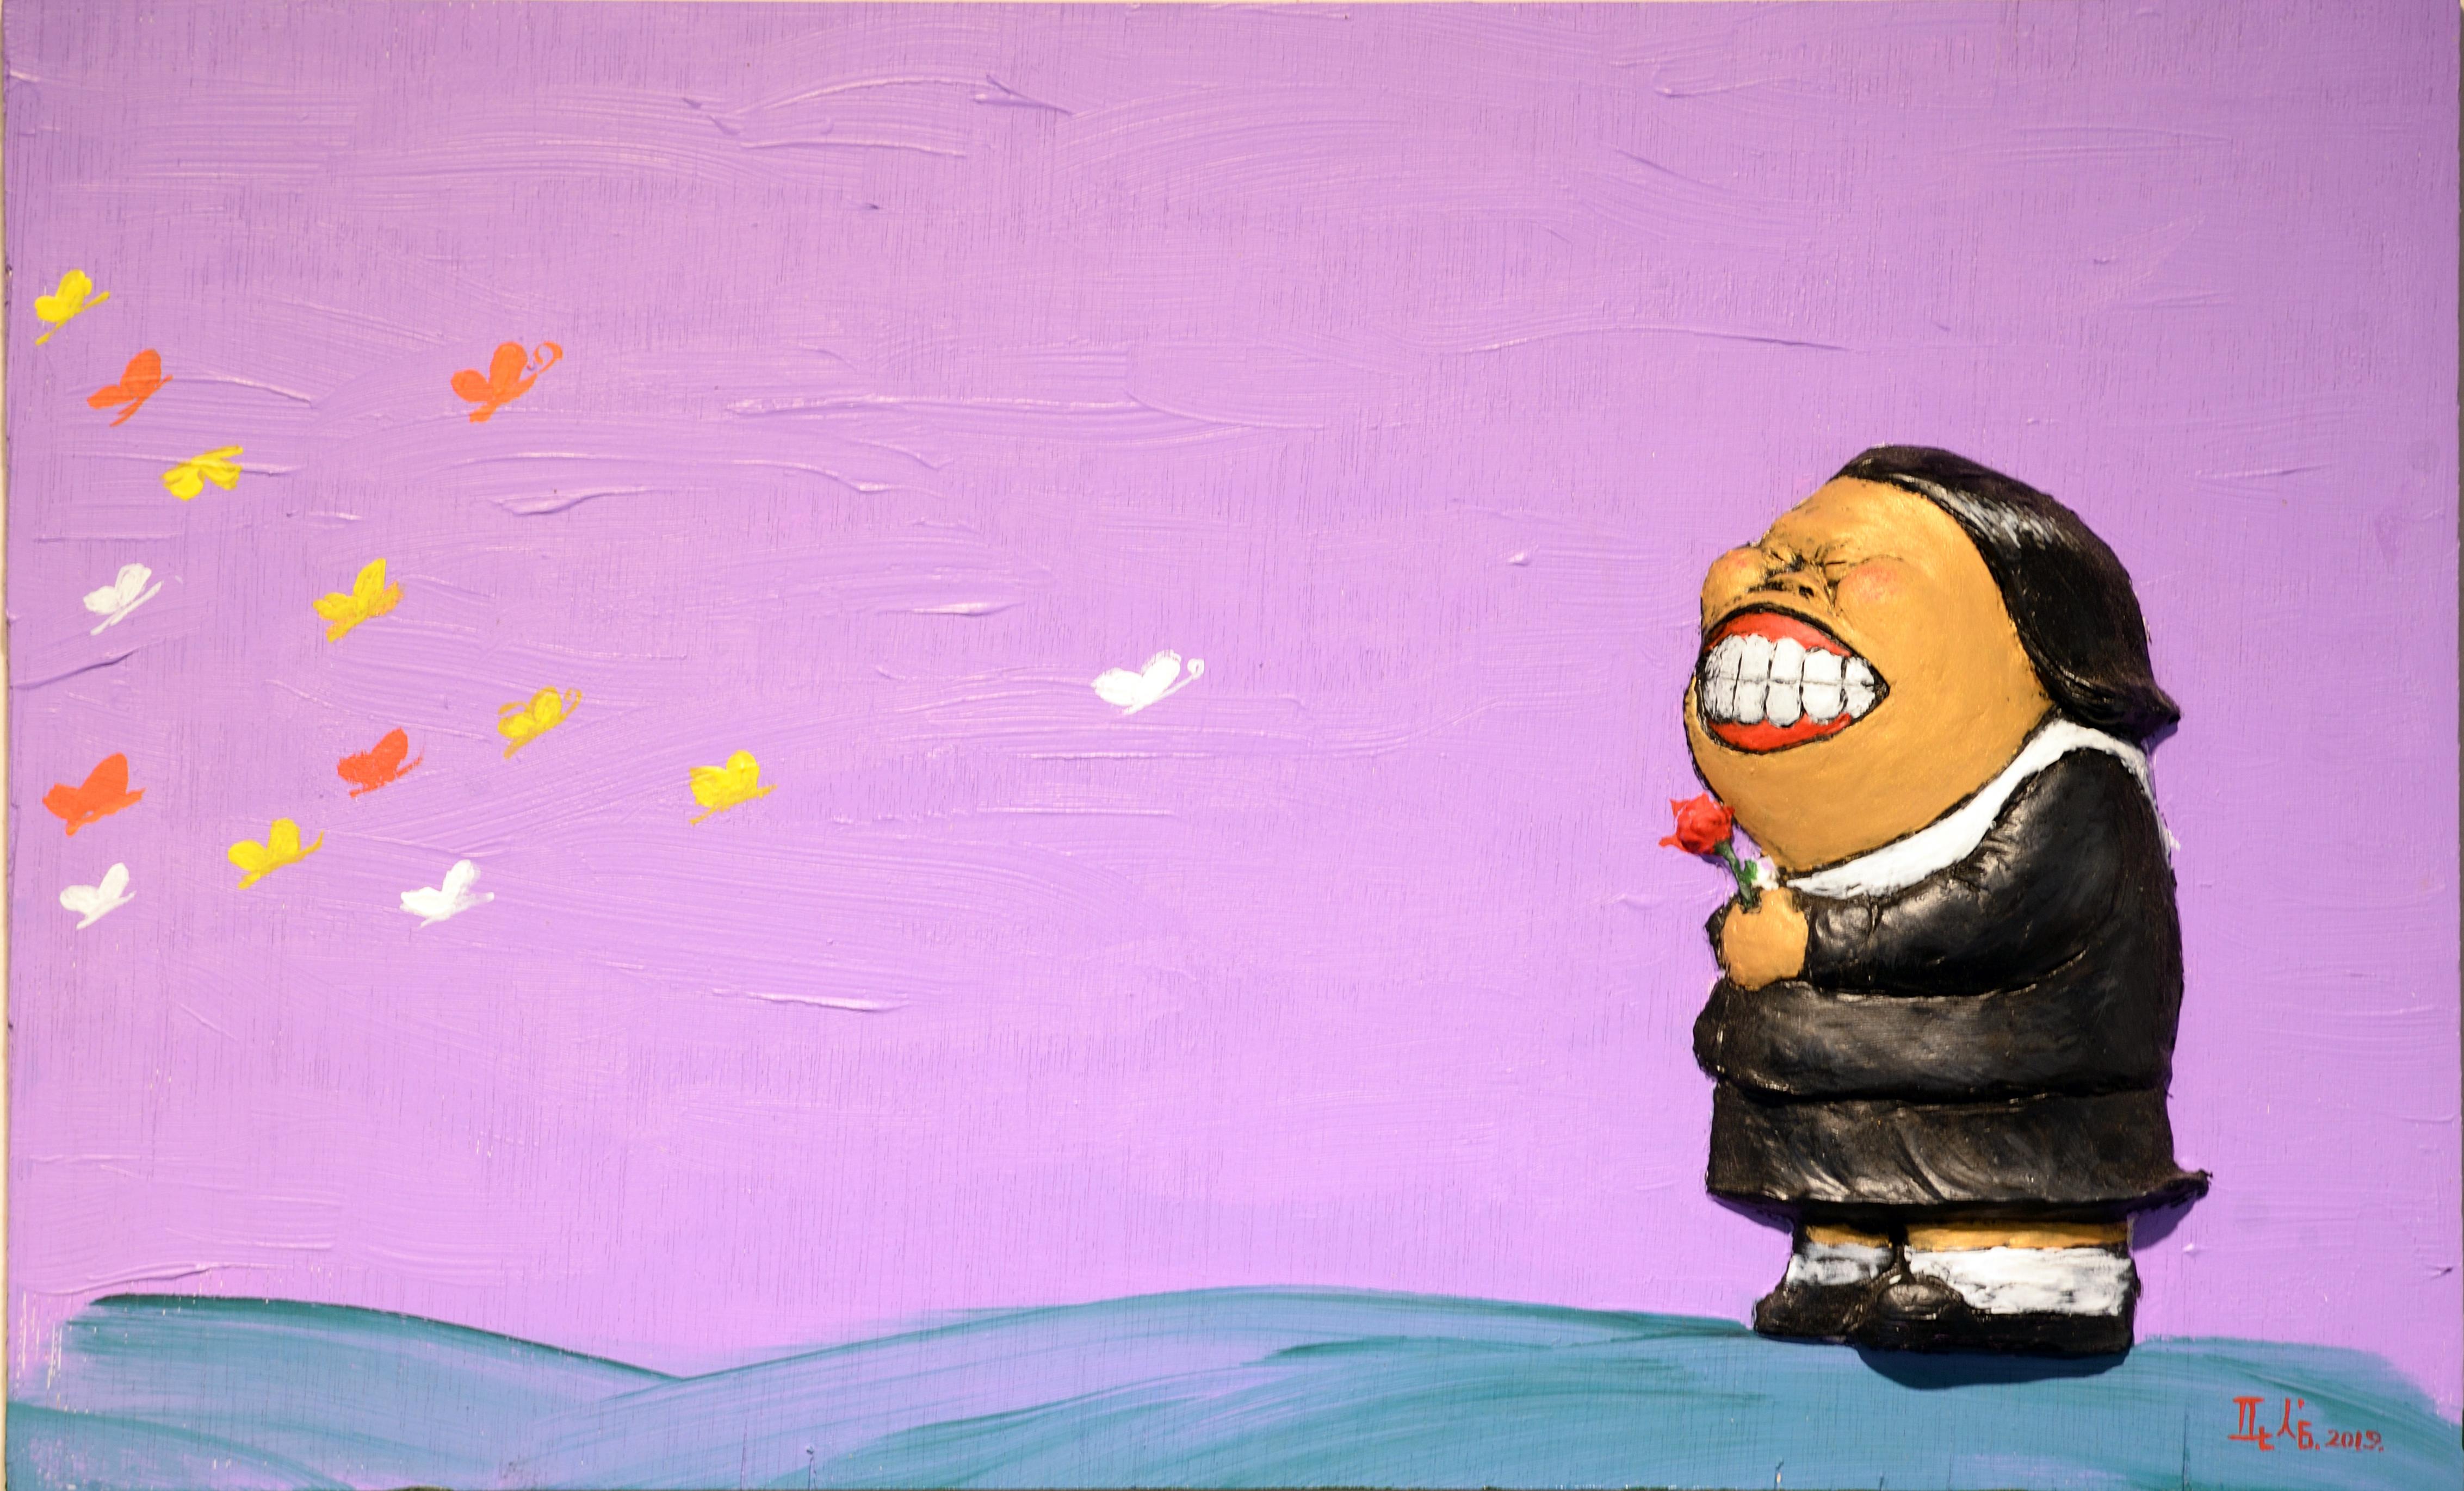 김판삼, 내가 꽃이다, 47 x 30 cm, 합판에 부조 후 아크릴 채색